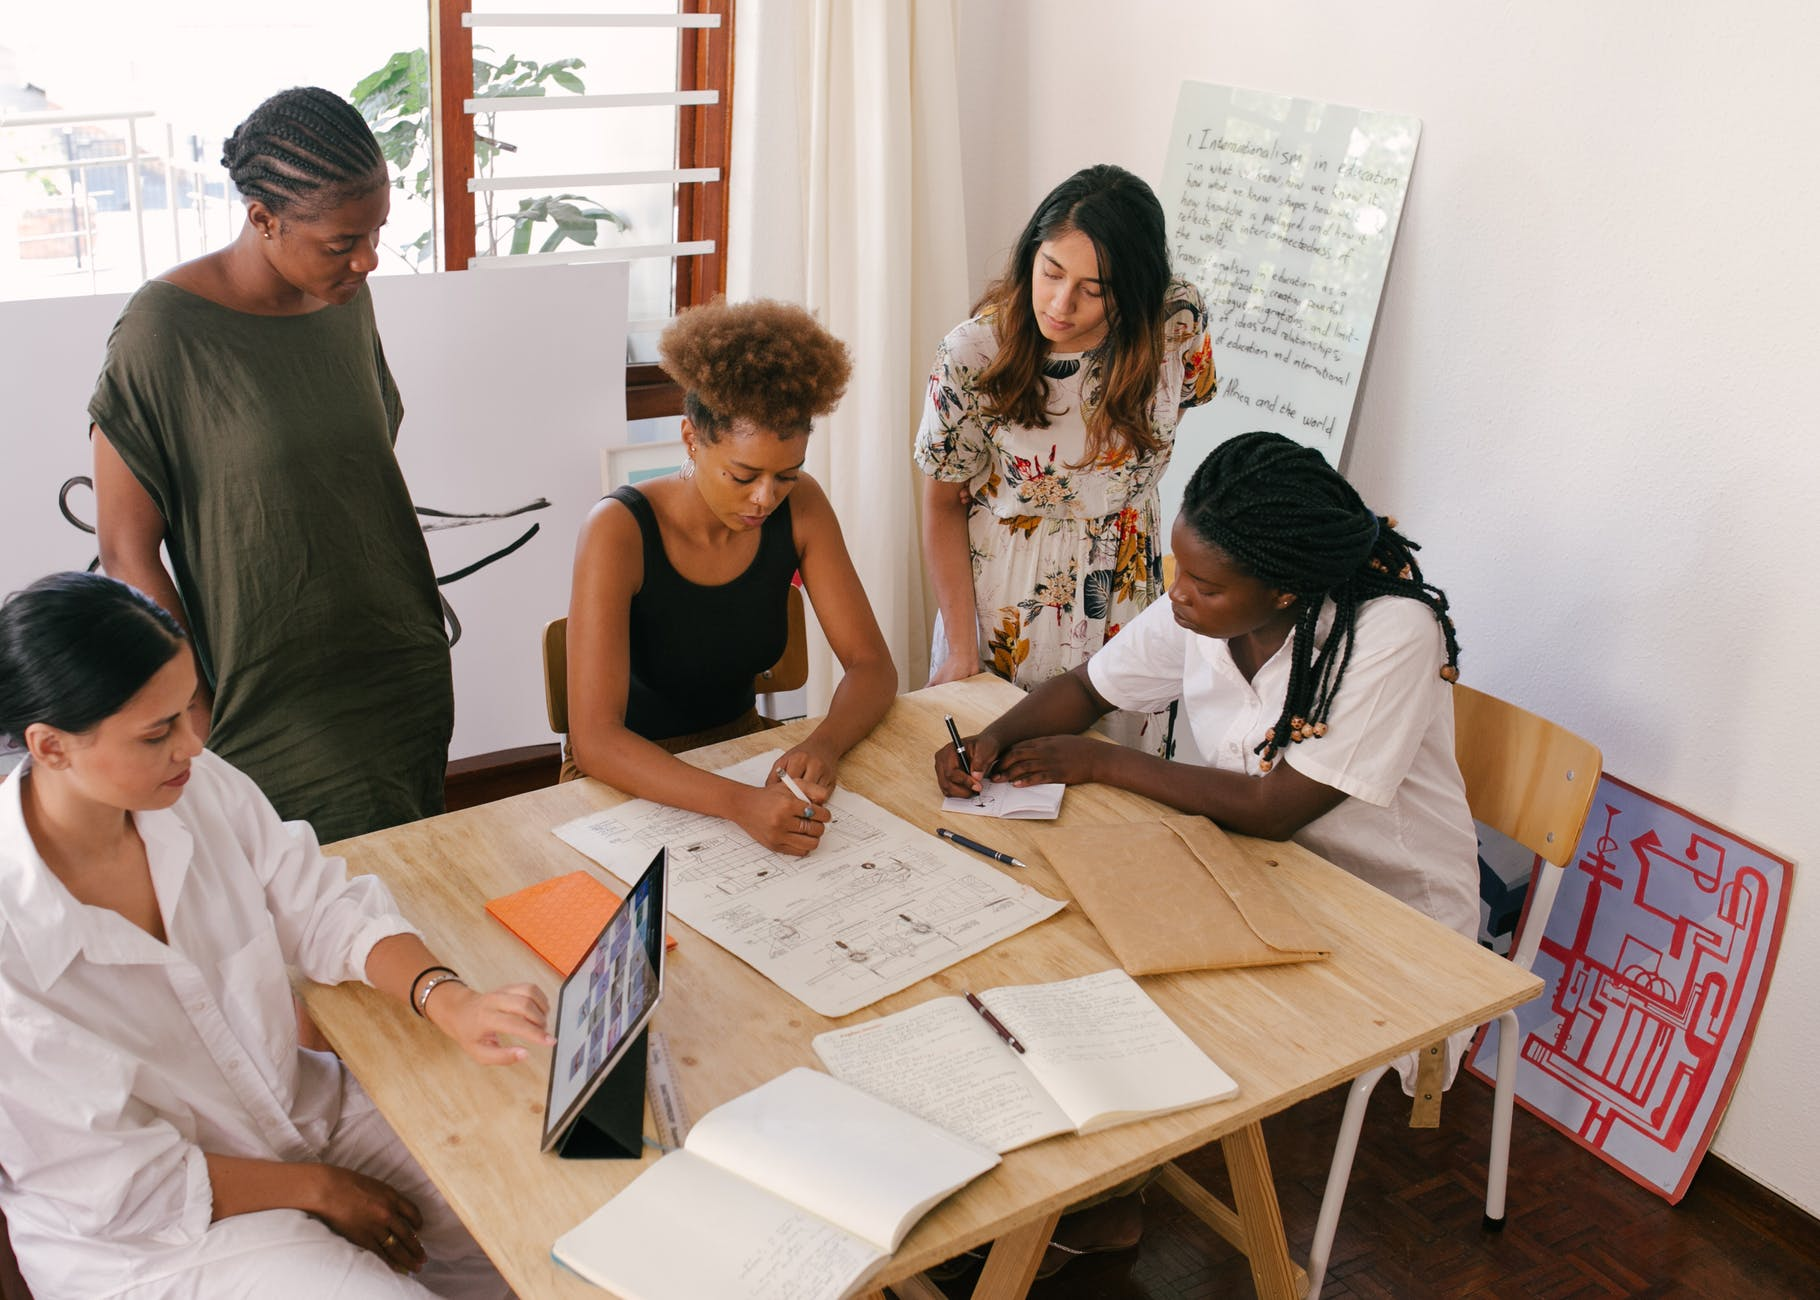 réunion stratégique femmes